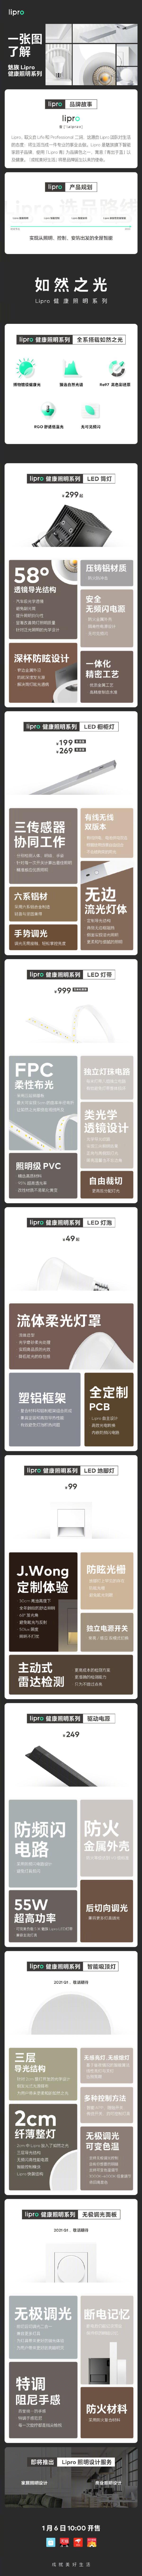 魅族Lipro健康照明系列正式发布,售价49-999元